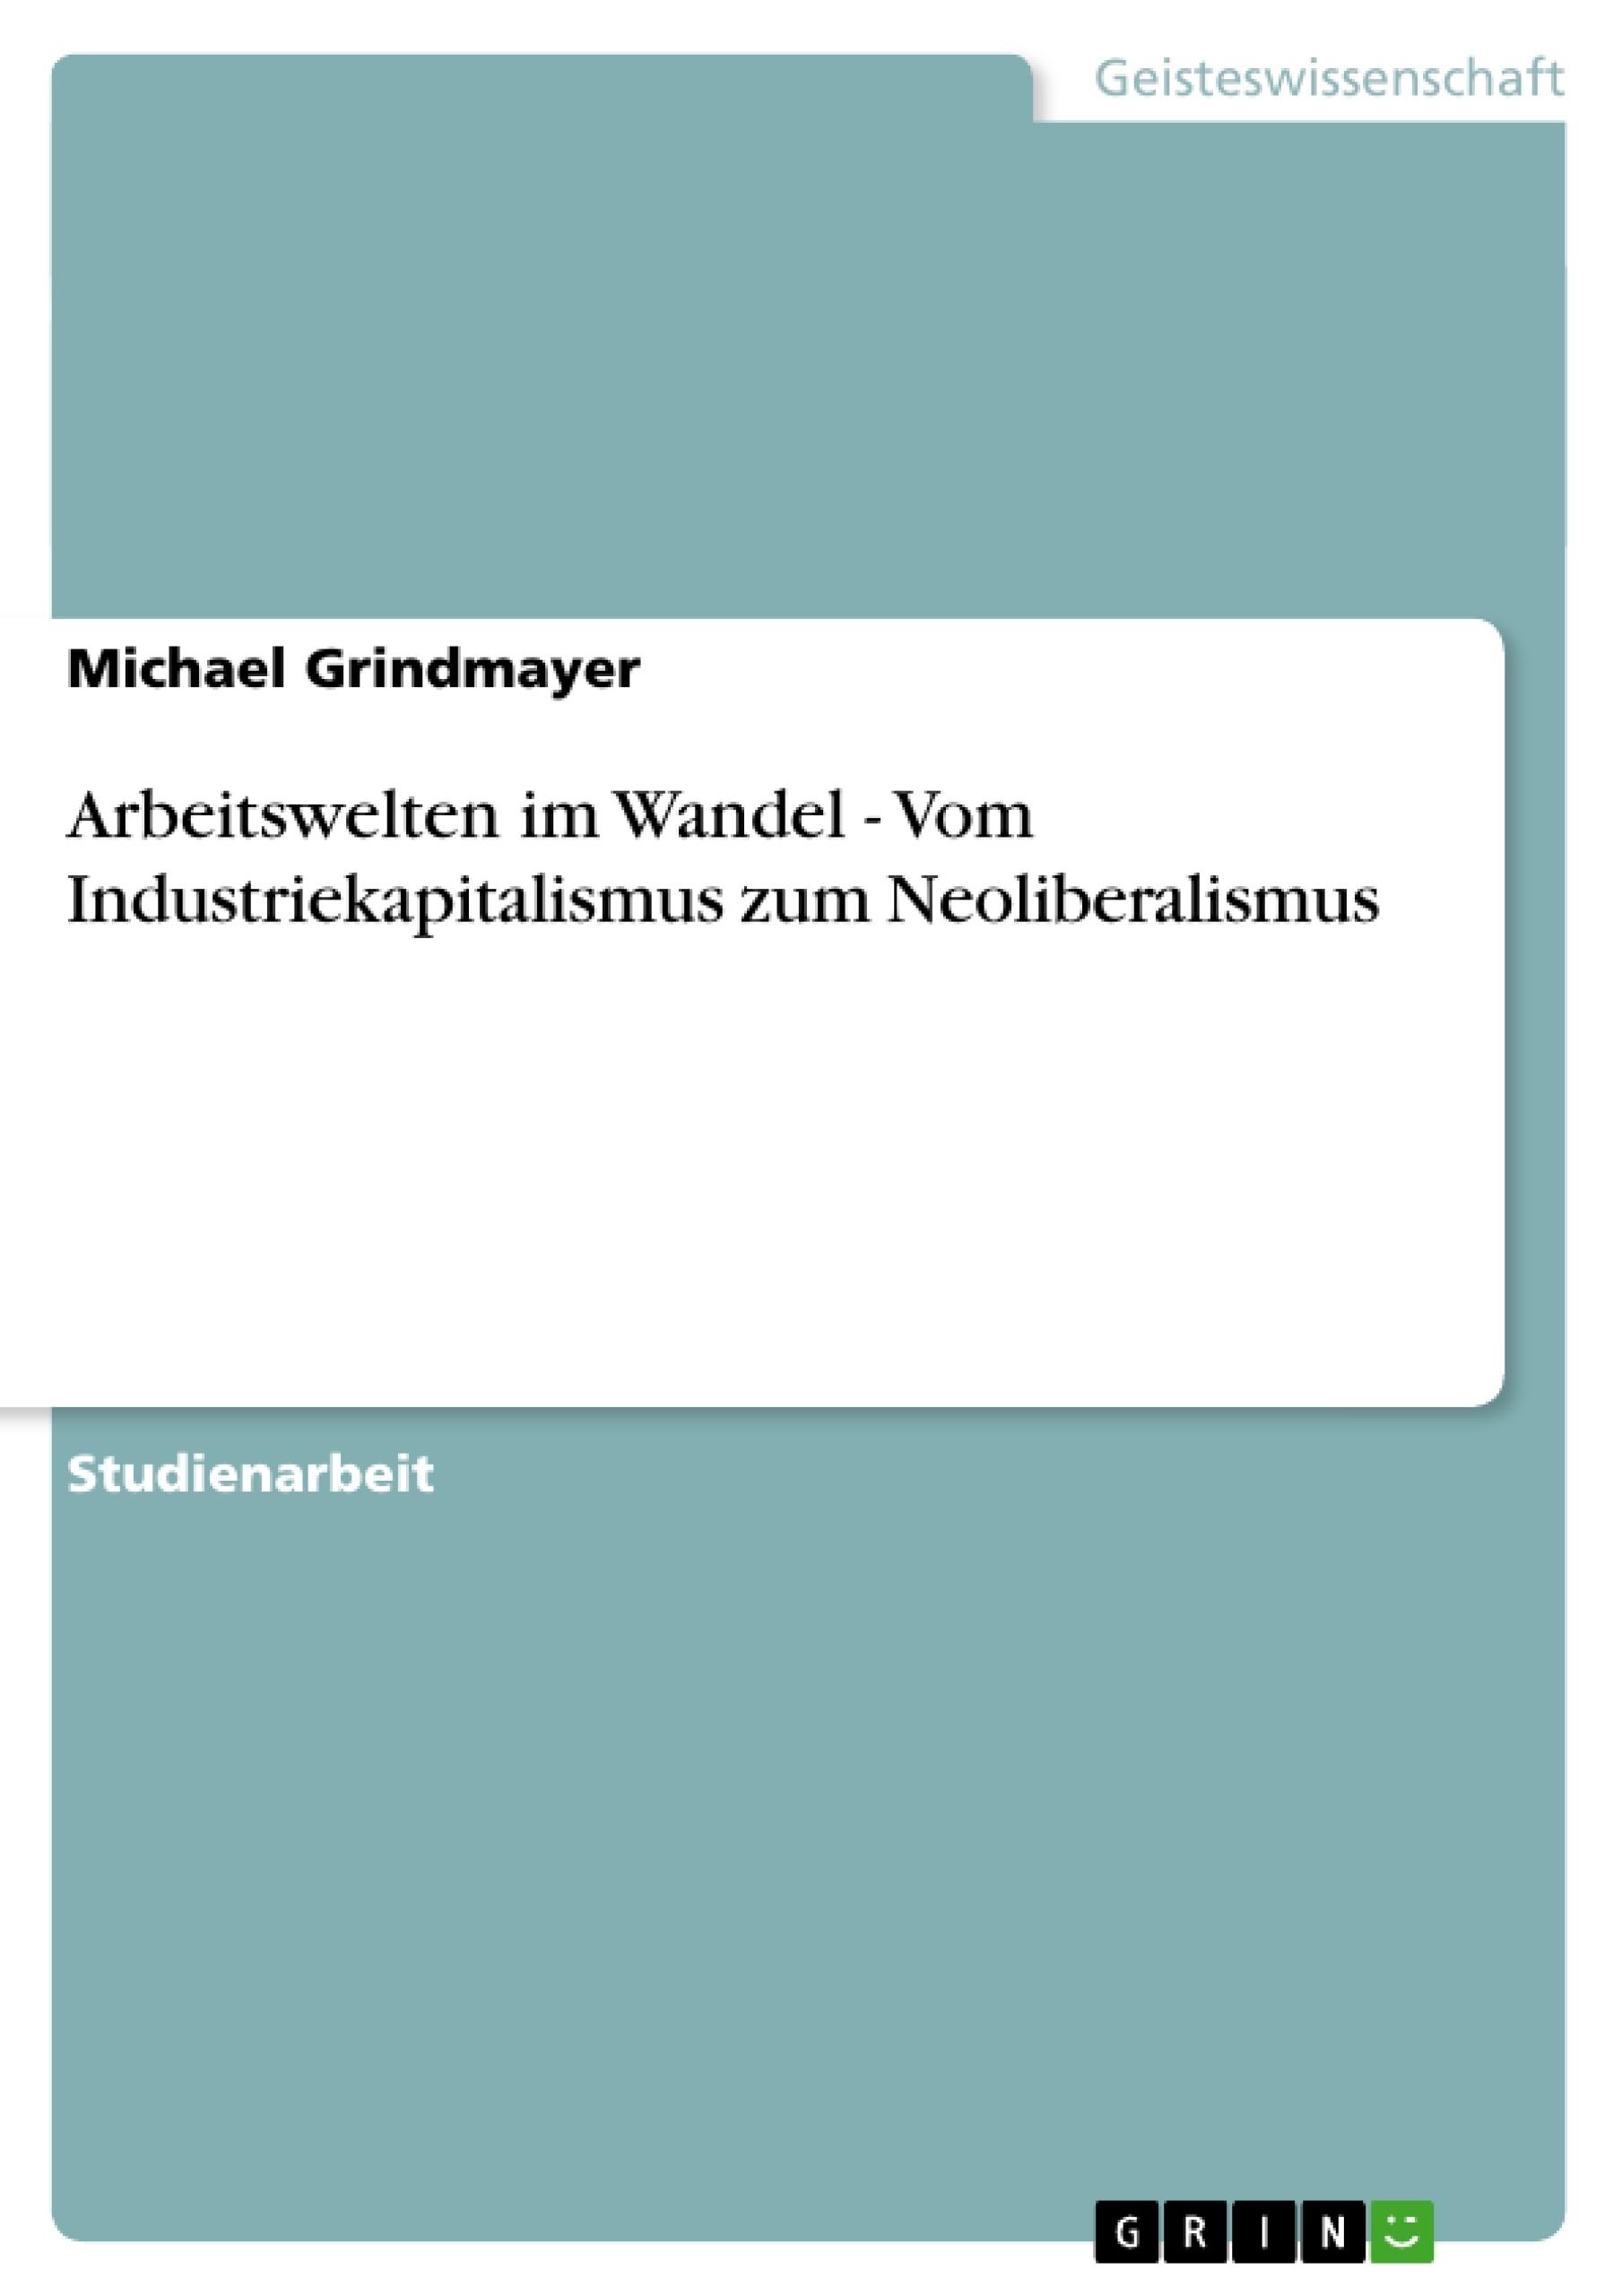 Titel: Arbeitswelten im Wandel - Vom Industriekapitalismus zum Neoliberalismus